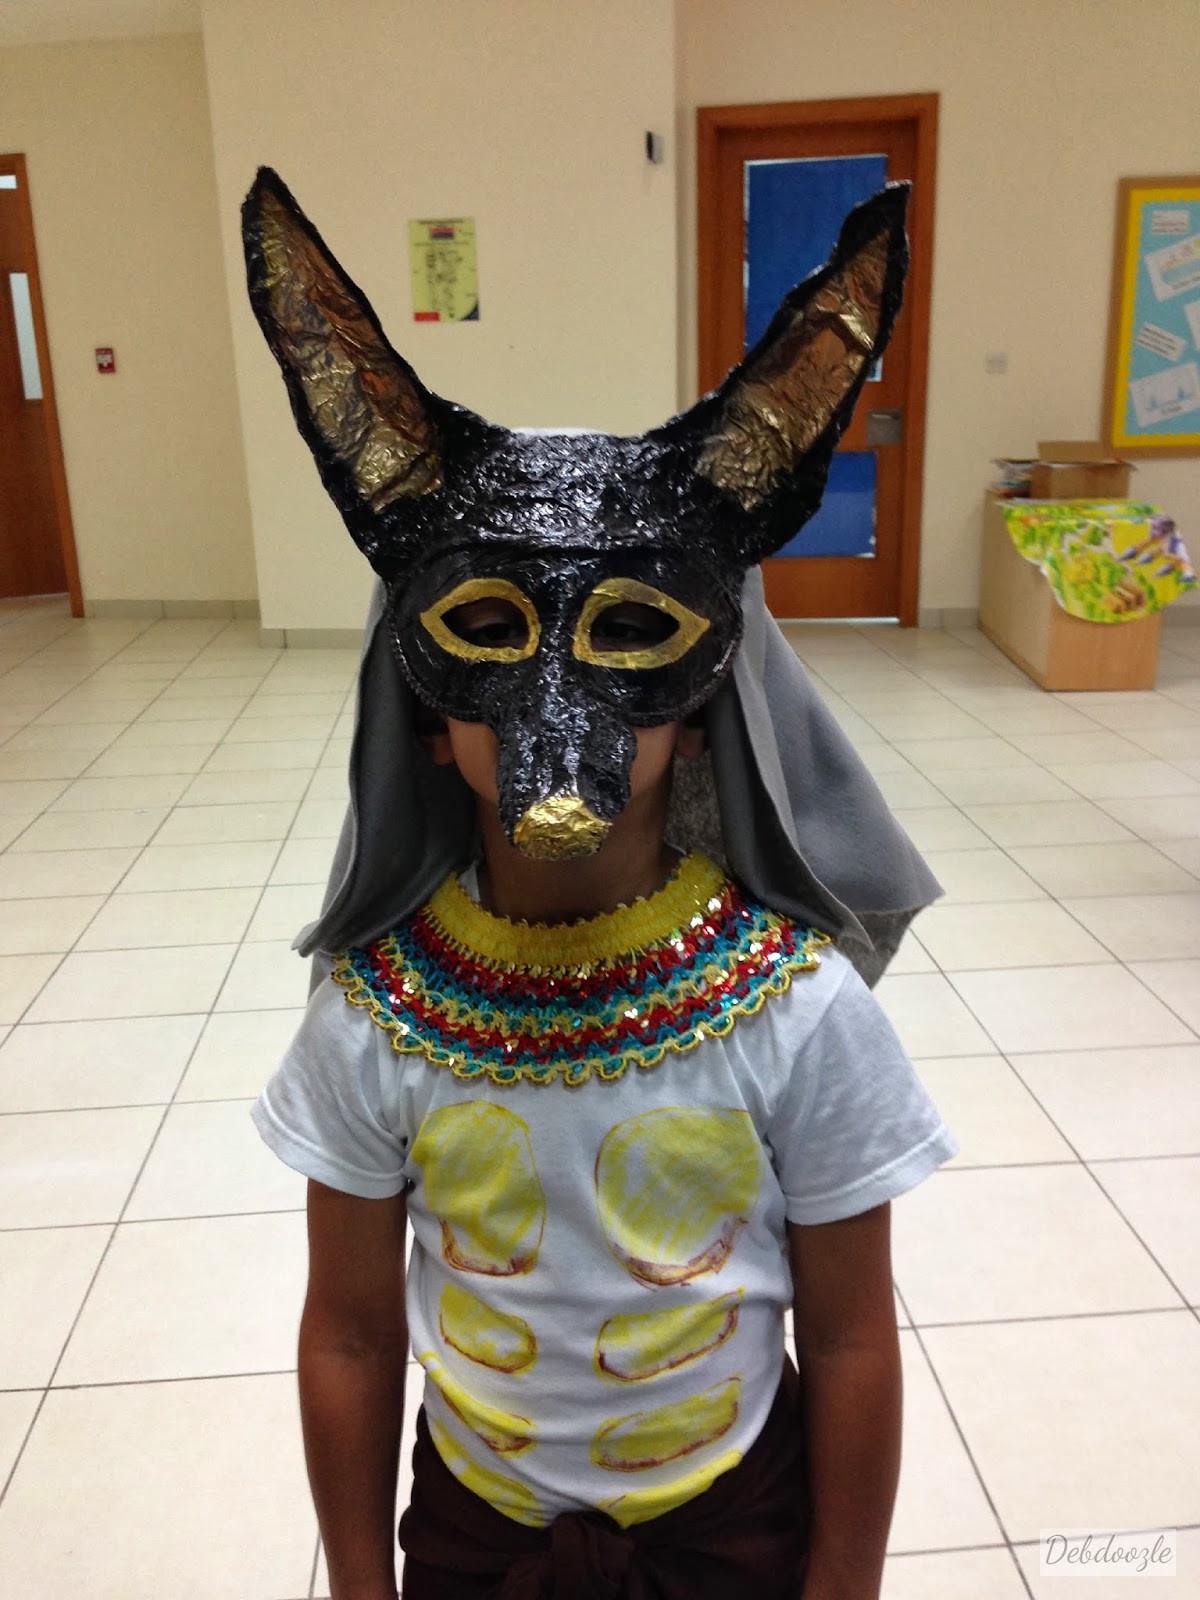 Best ideas about Paper Mache Mask DIY . Save or Pin Debdoozle DIY Papier Mâché Paper Mache Anubis Jackal Mask Now.